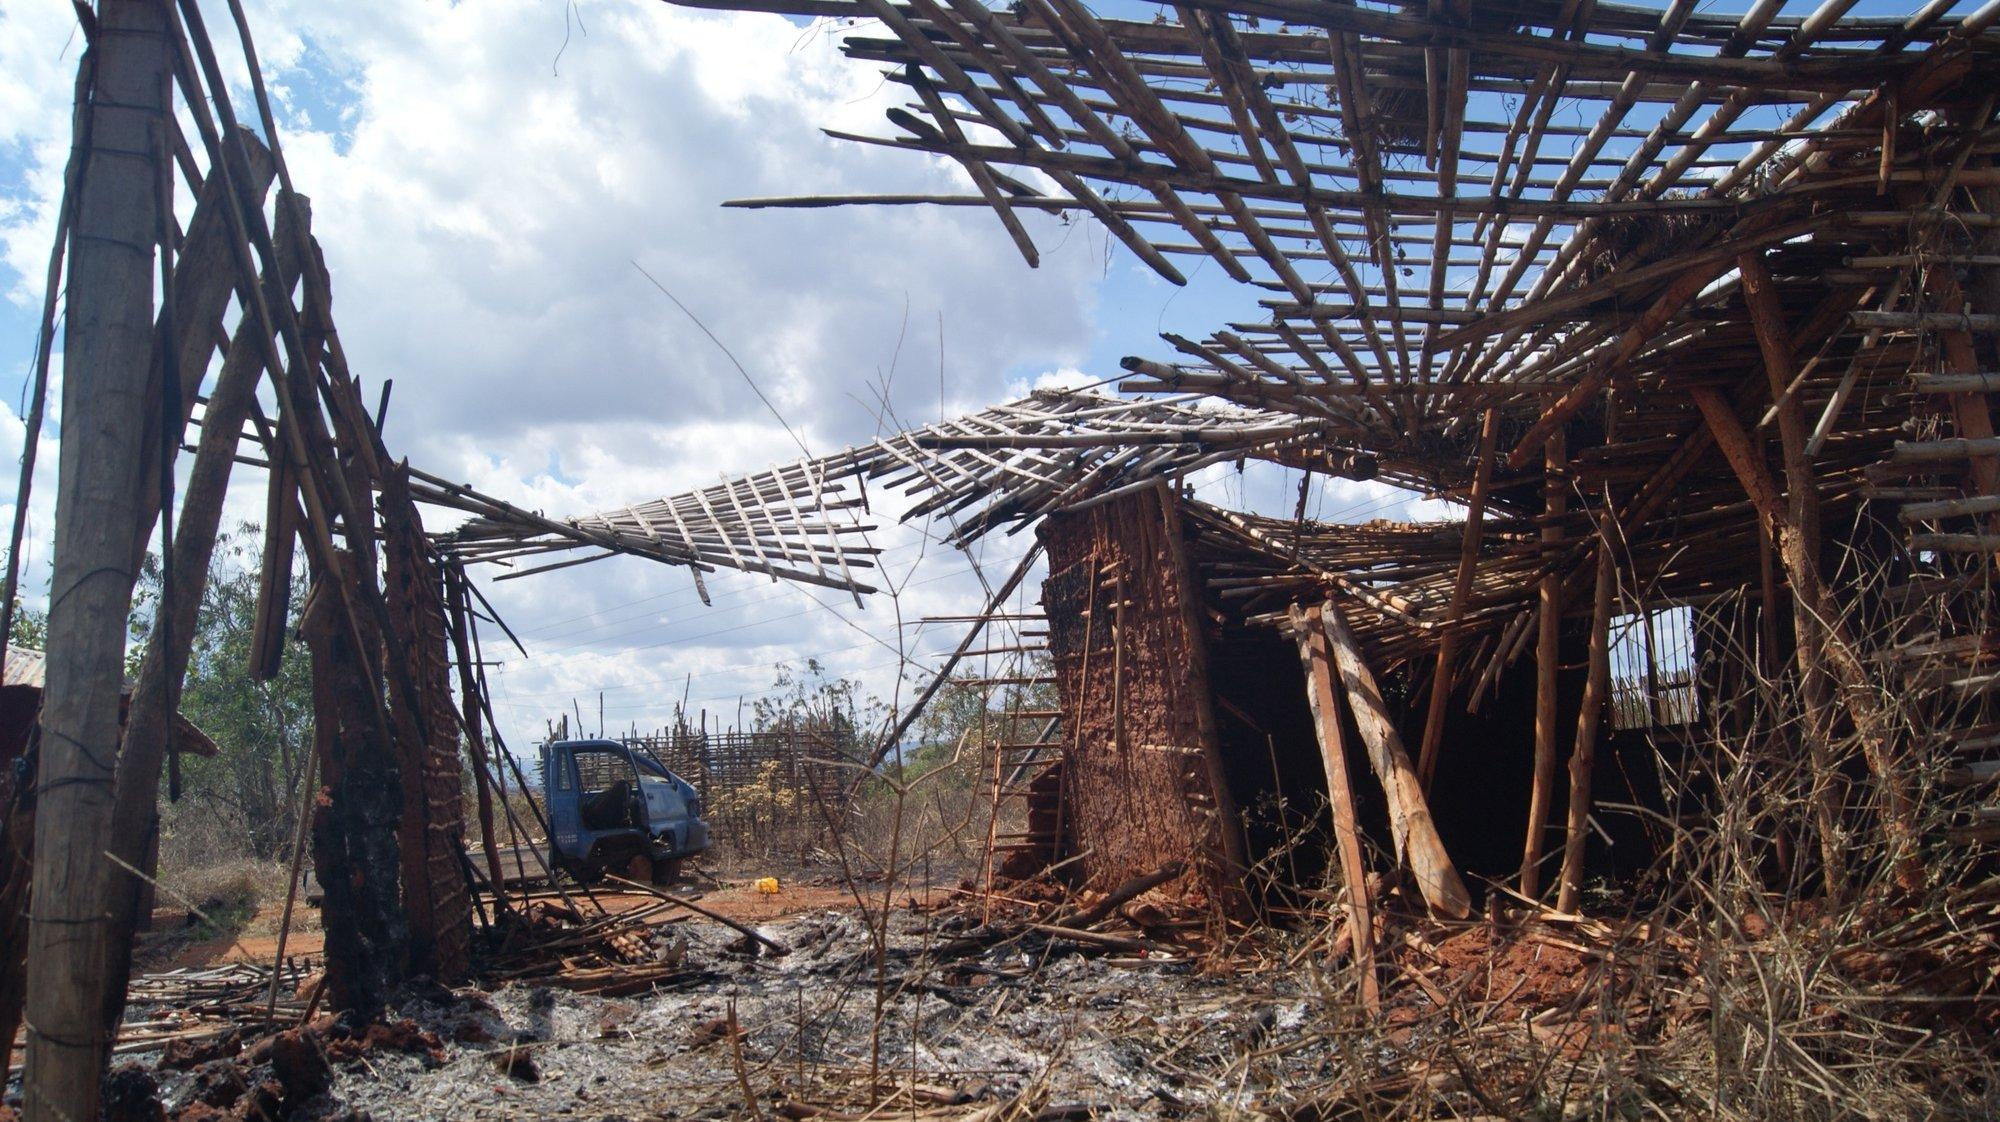 Ruínas de uma casa destruída por rebeldes na aldeia 19 de outubro, em Quissanga, Cabo Delgado, Moçambique, 21 de agosto de 2021. As vilas e aldeias devastadas por rebeldes nos distritos de Quissanga e Macomia têm as marcas do terror estampadas em cada esquina e, entre ruínas, ensaia-se a reconstrução, mas o trauma é grande e paira ainda o medo entre as comunidades (ACOMPANHA TEXTO DO DIA 23 DE AGOSTO DE 2021). LUÍSA NHANTUMBO/LUSA